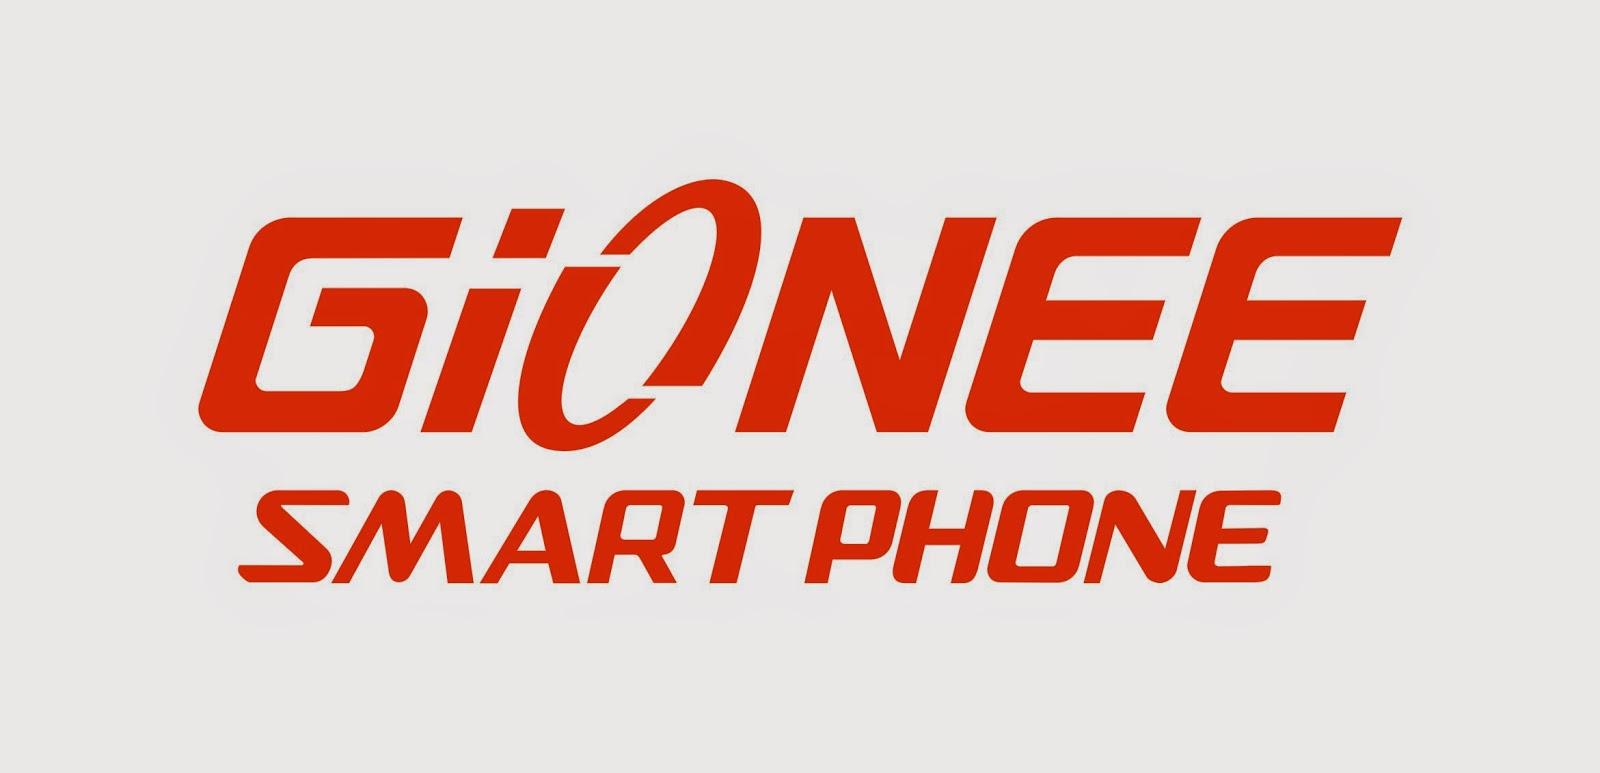 maegwyn in india gionee mobile smart phone can